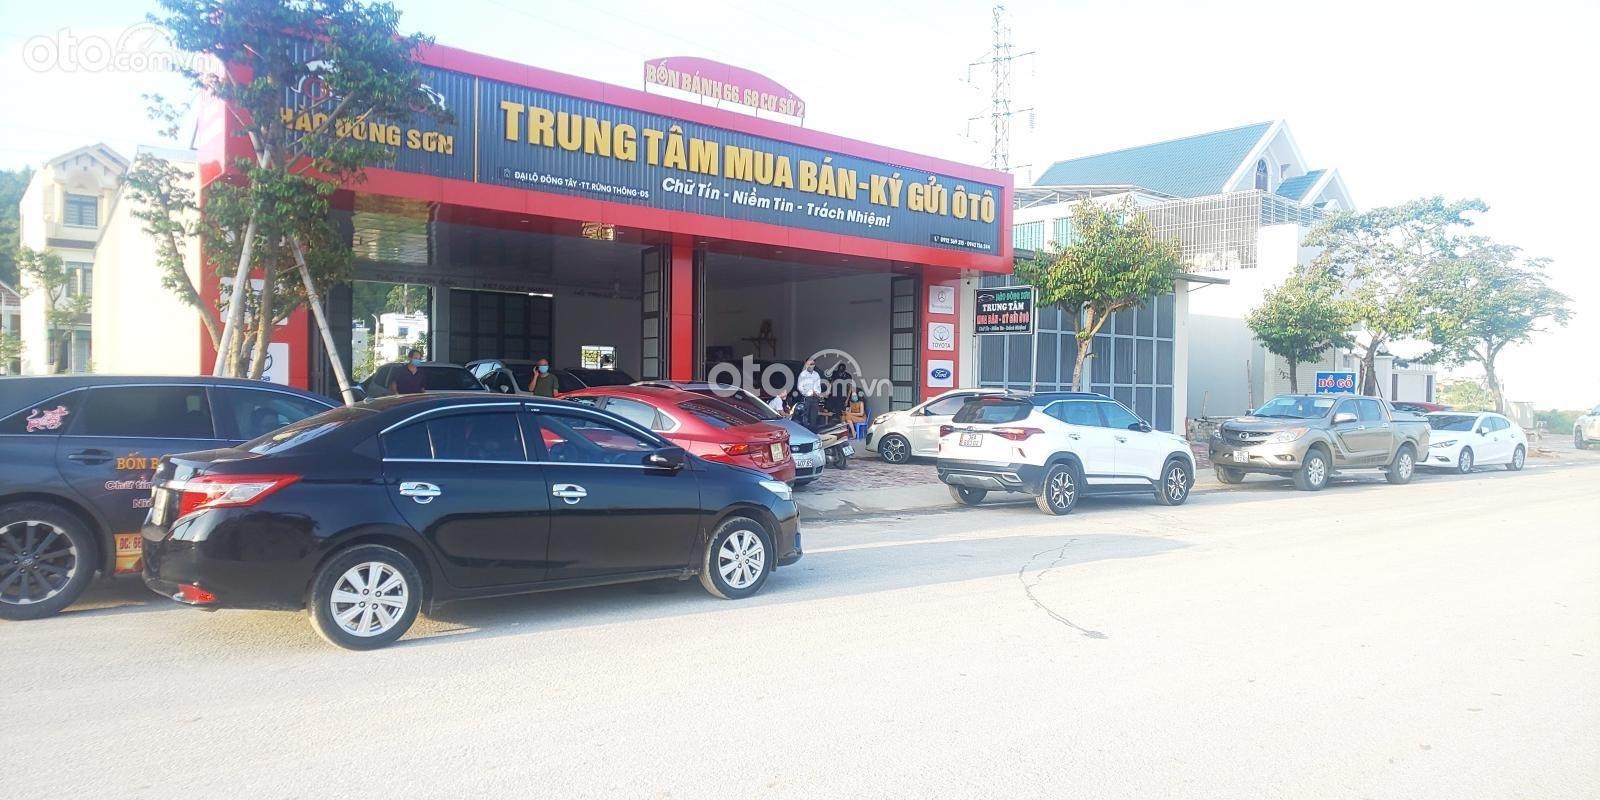 Hào Đông Sơn Auto (3)